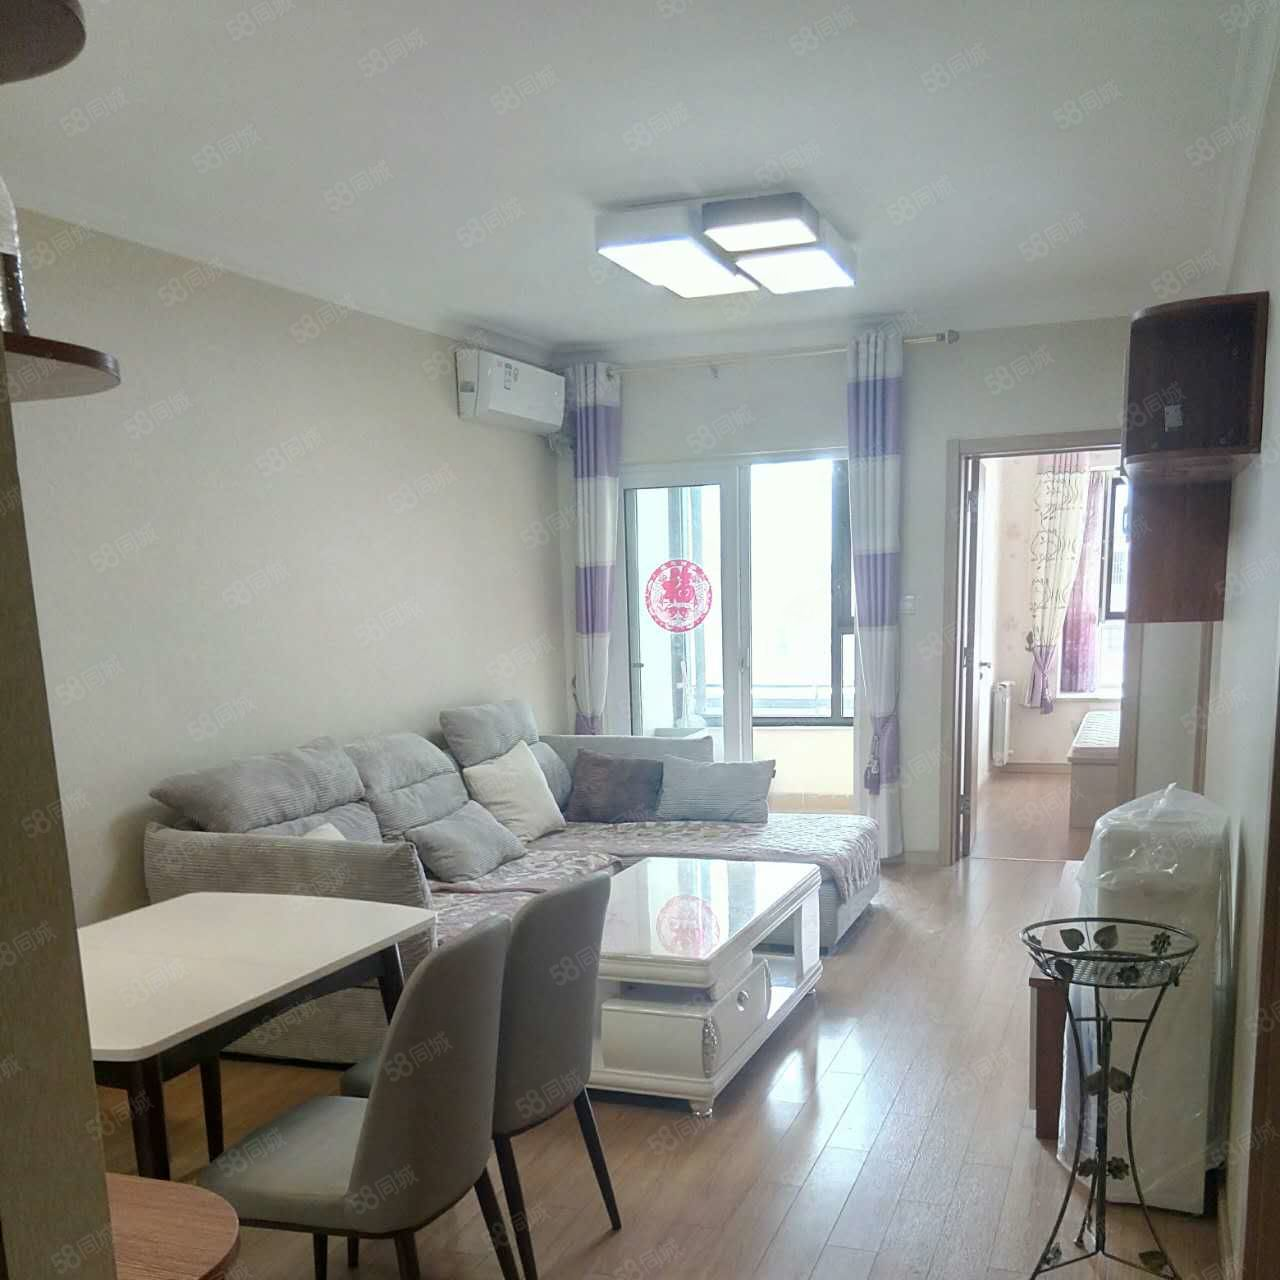 万科美景魅力之城精装三房全套样板间配置家具家电齐全拎包入住